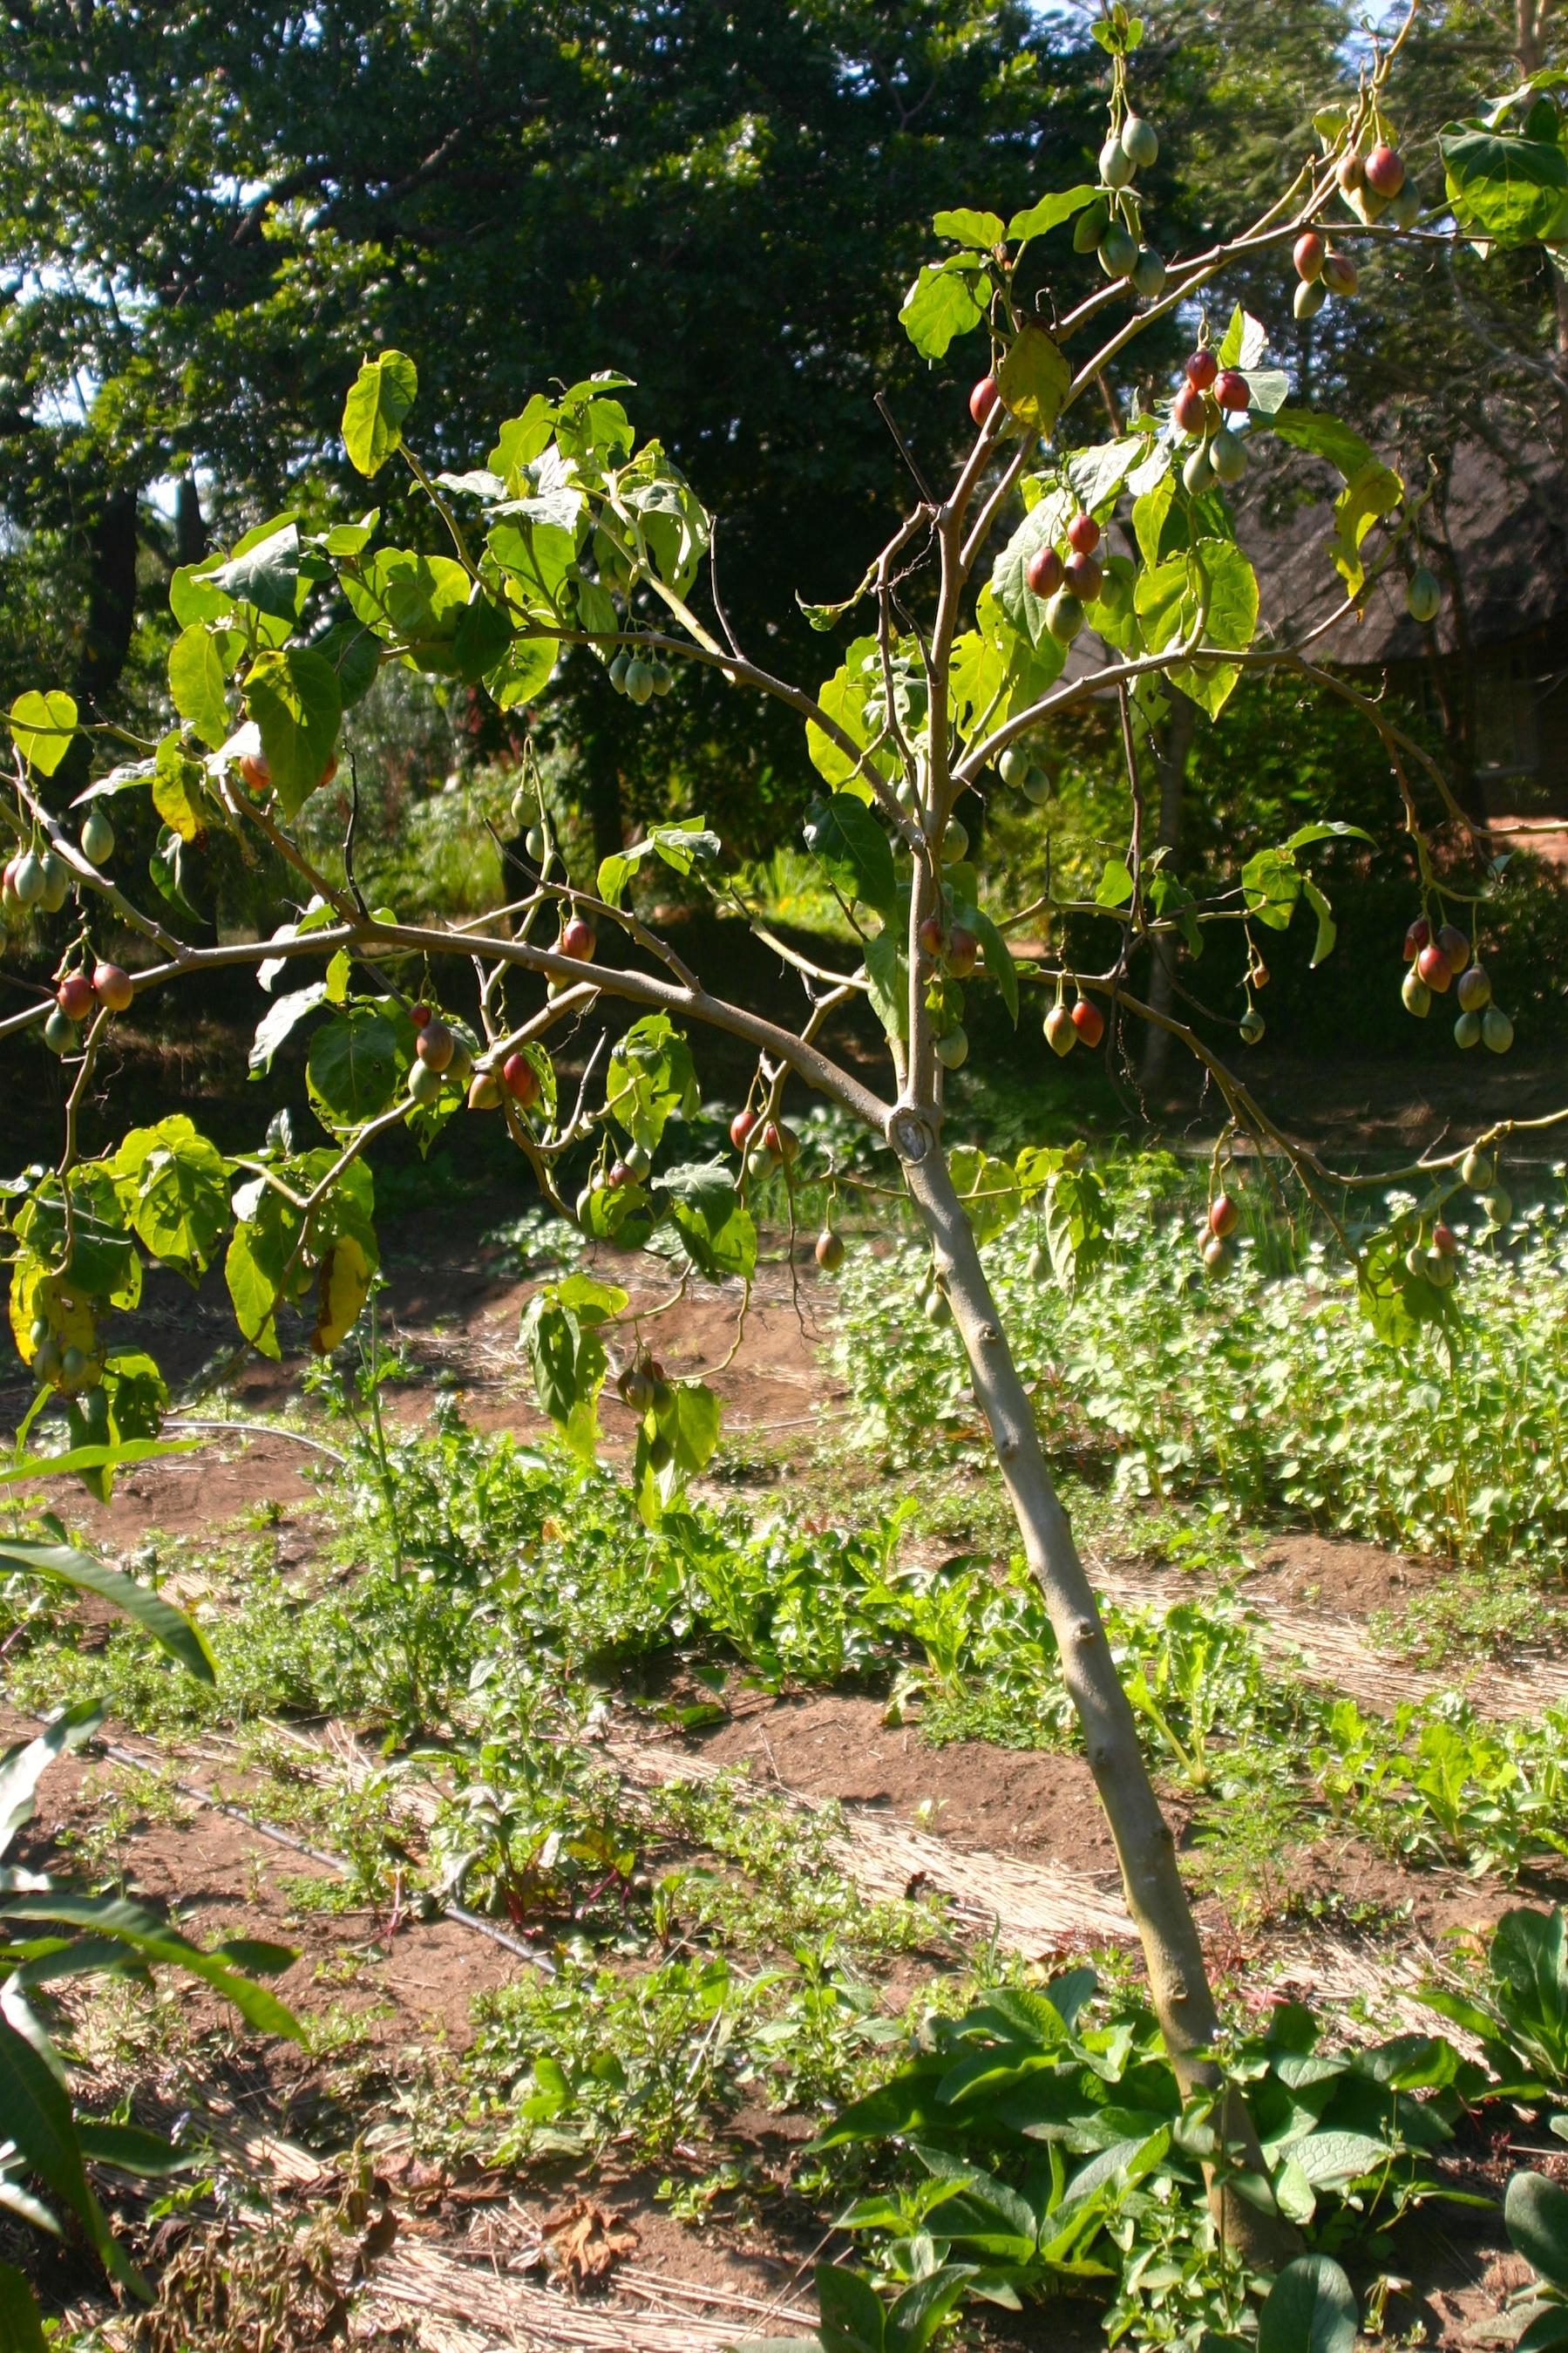 Помидорное дерево как вырастить в домашних условиях фото